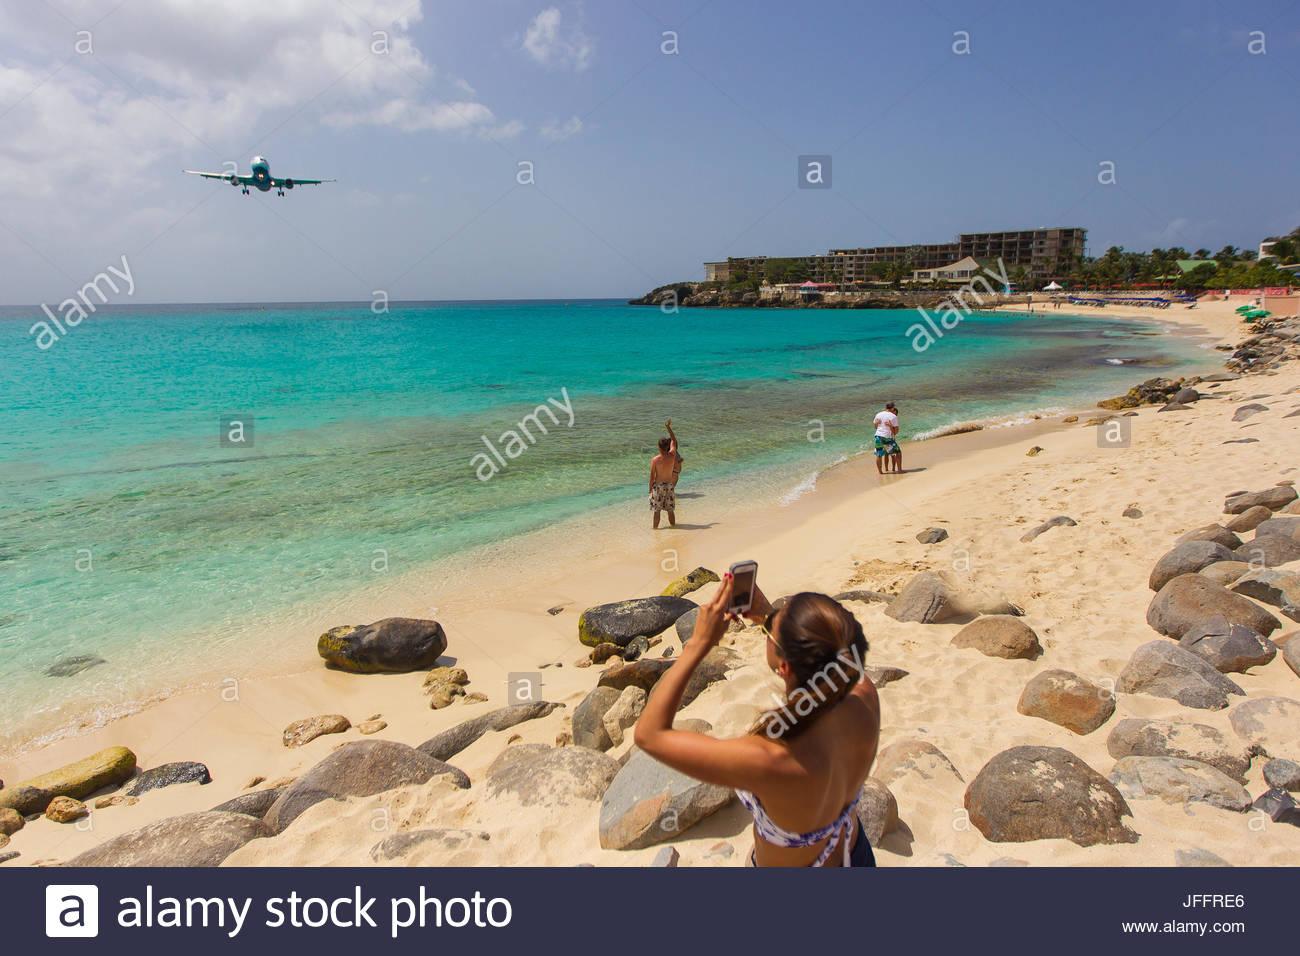 Un jumbo jet aereo volando a bassa quota sopra l'acqua a Maho Beach prima di atterrare a Princess Juliana Airport. Immagini Stock